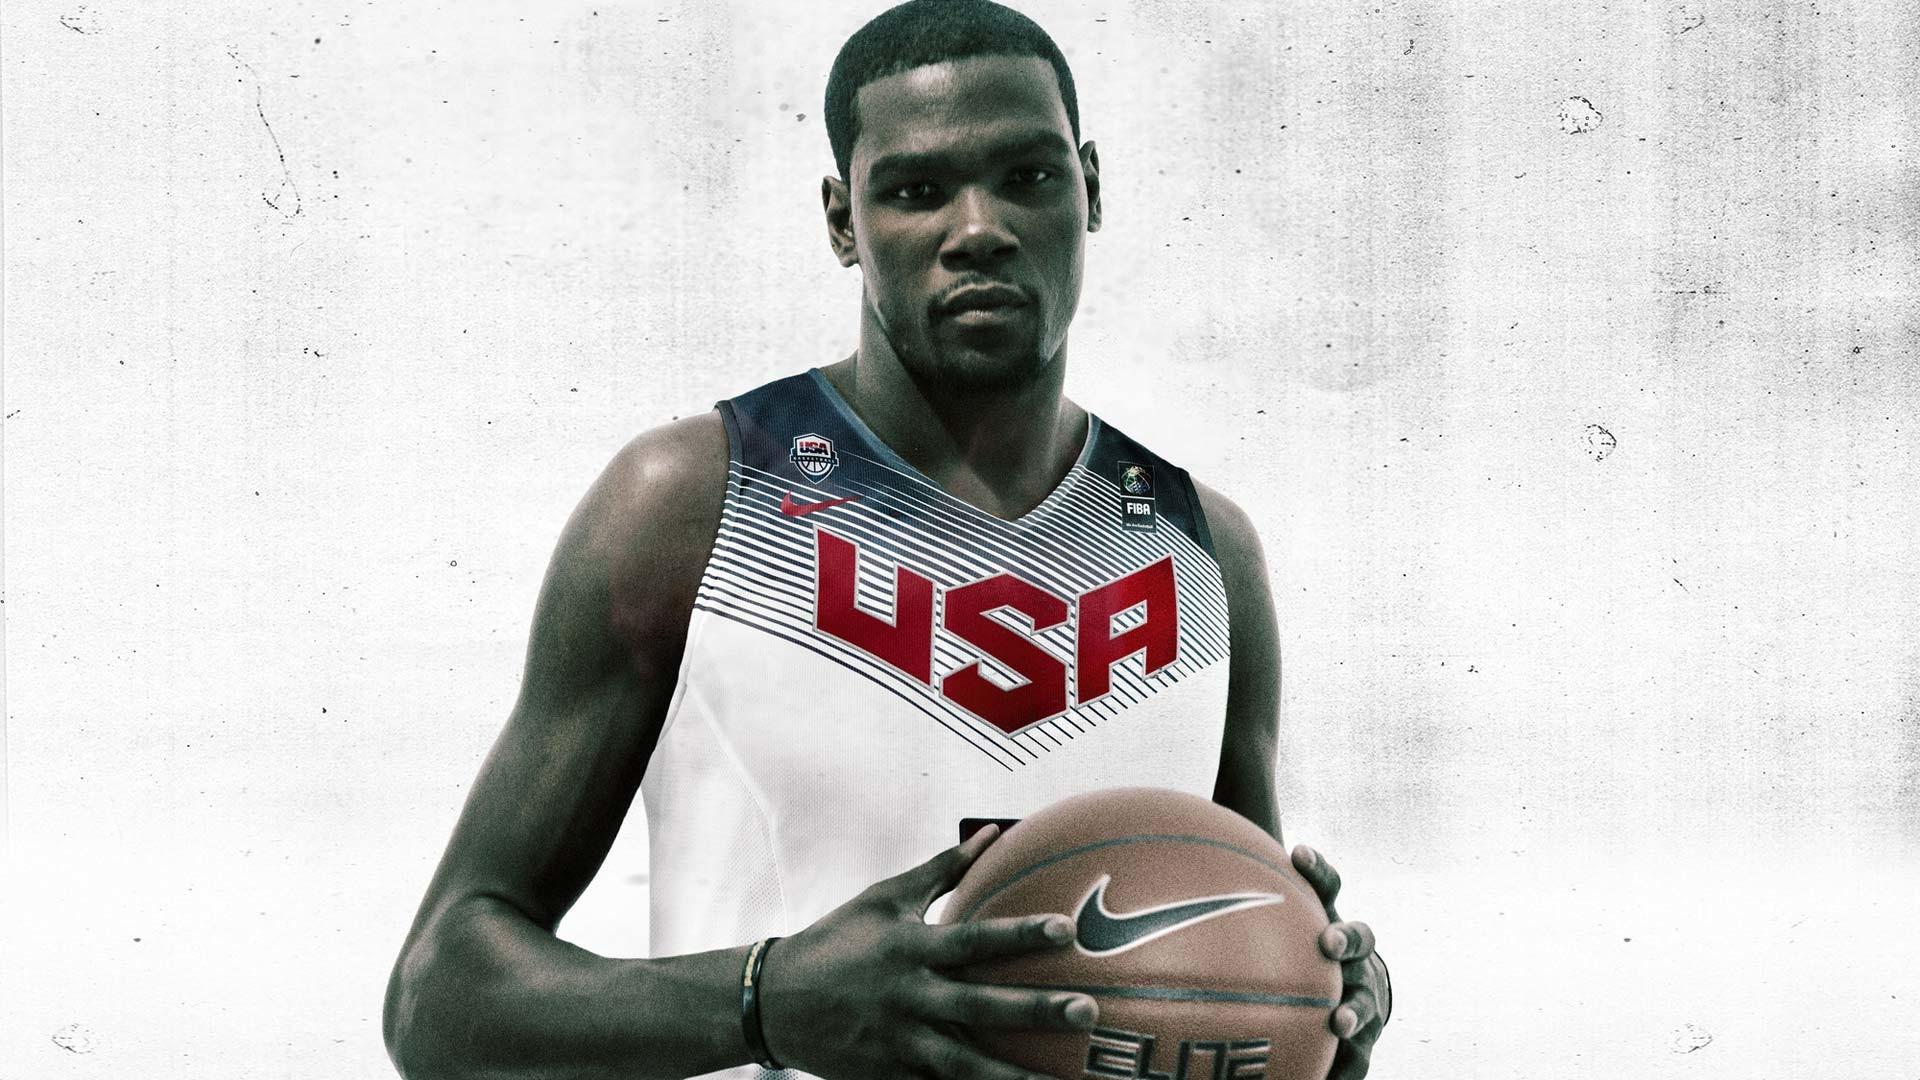 Kevin Durant est un joueur américain de basketball né le 29 septembre 1988 3 à Washington Il évolue au poste dailier Il étudie avec les Longhorns du Texas